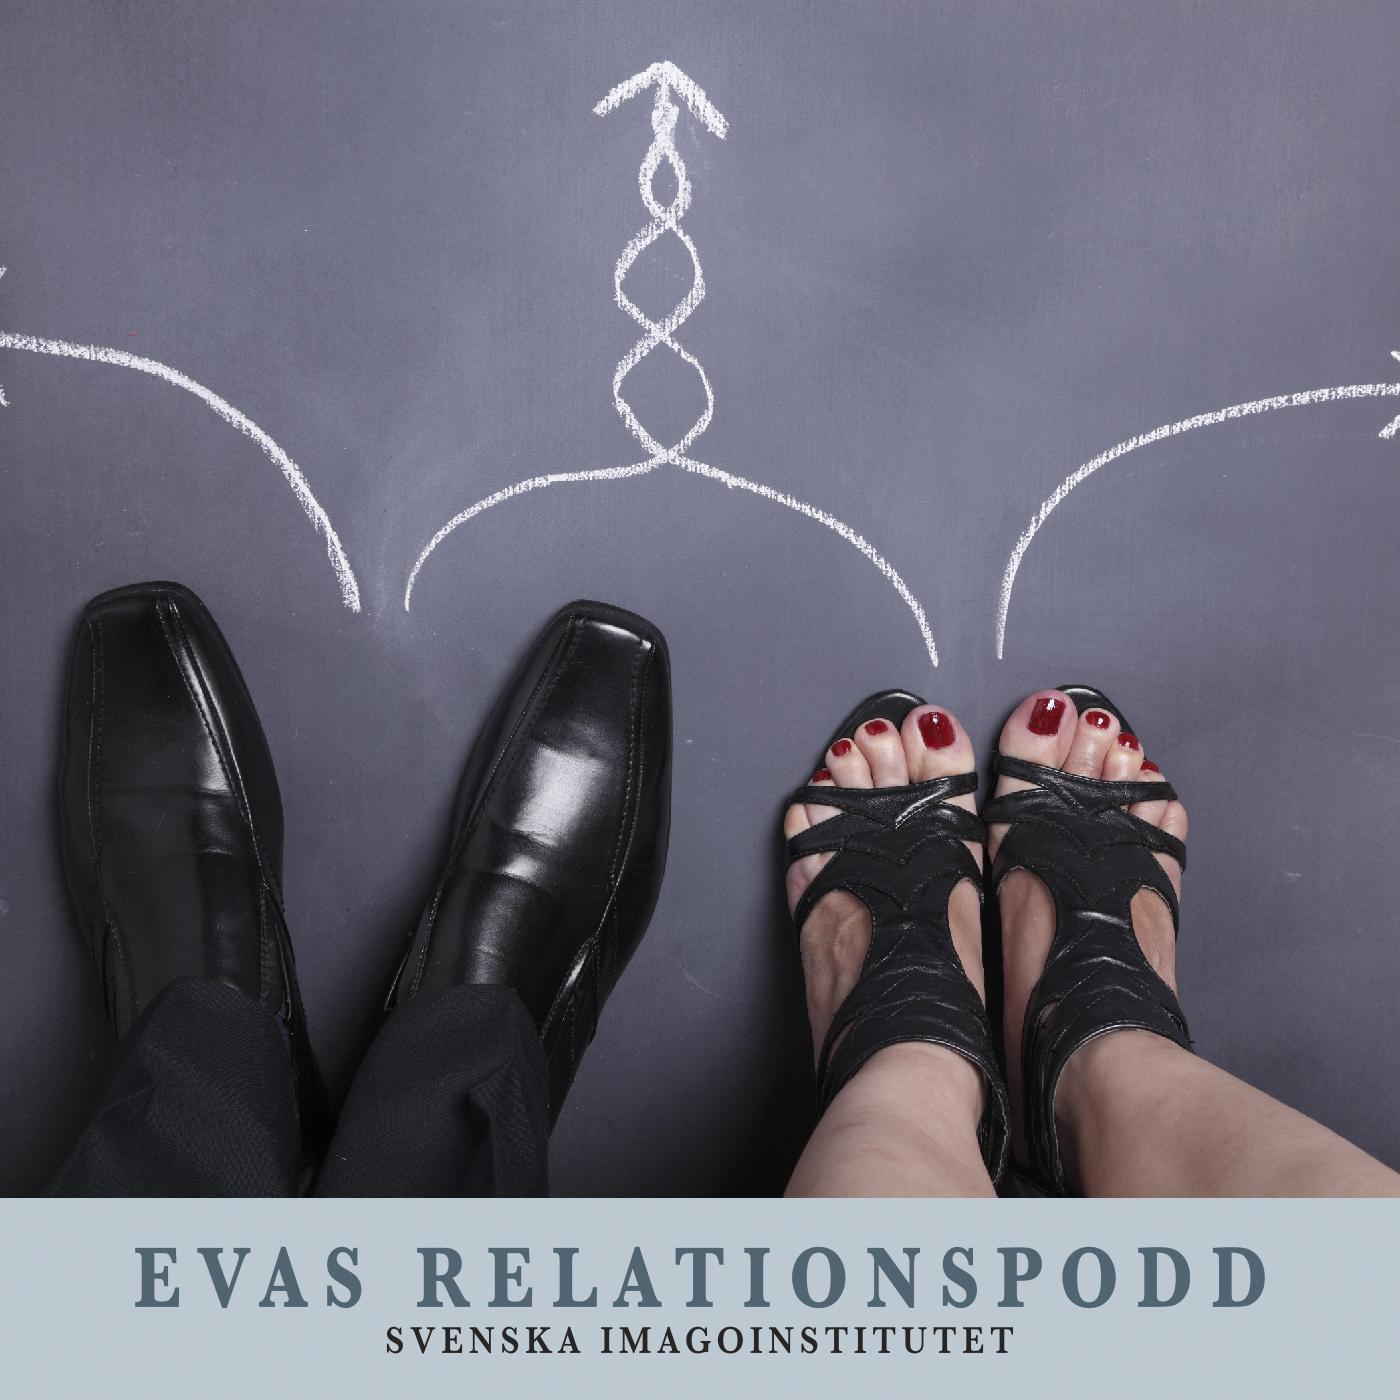 Evas Relationspodd